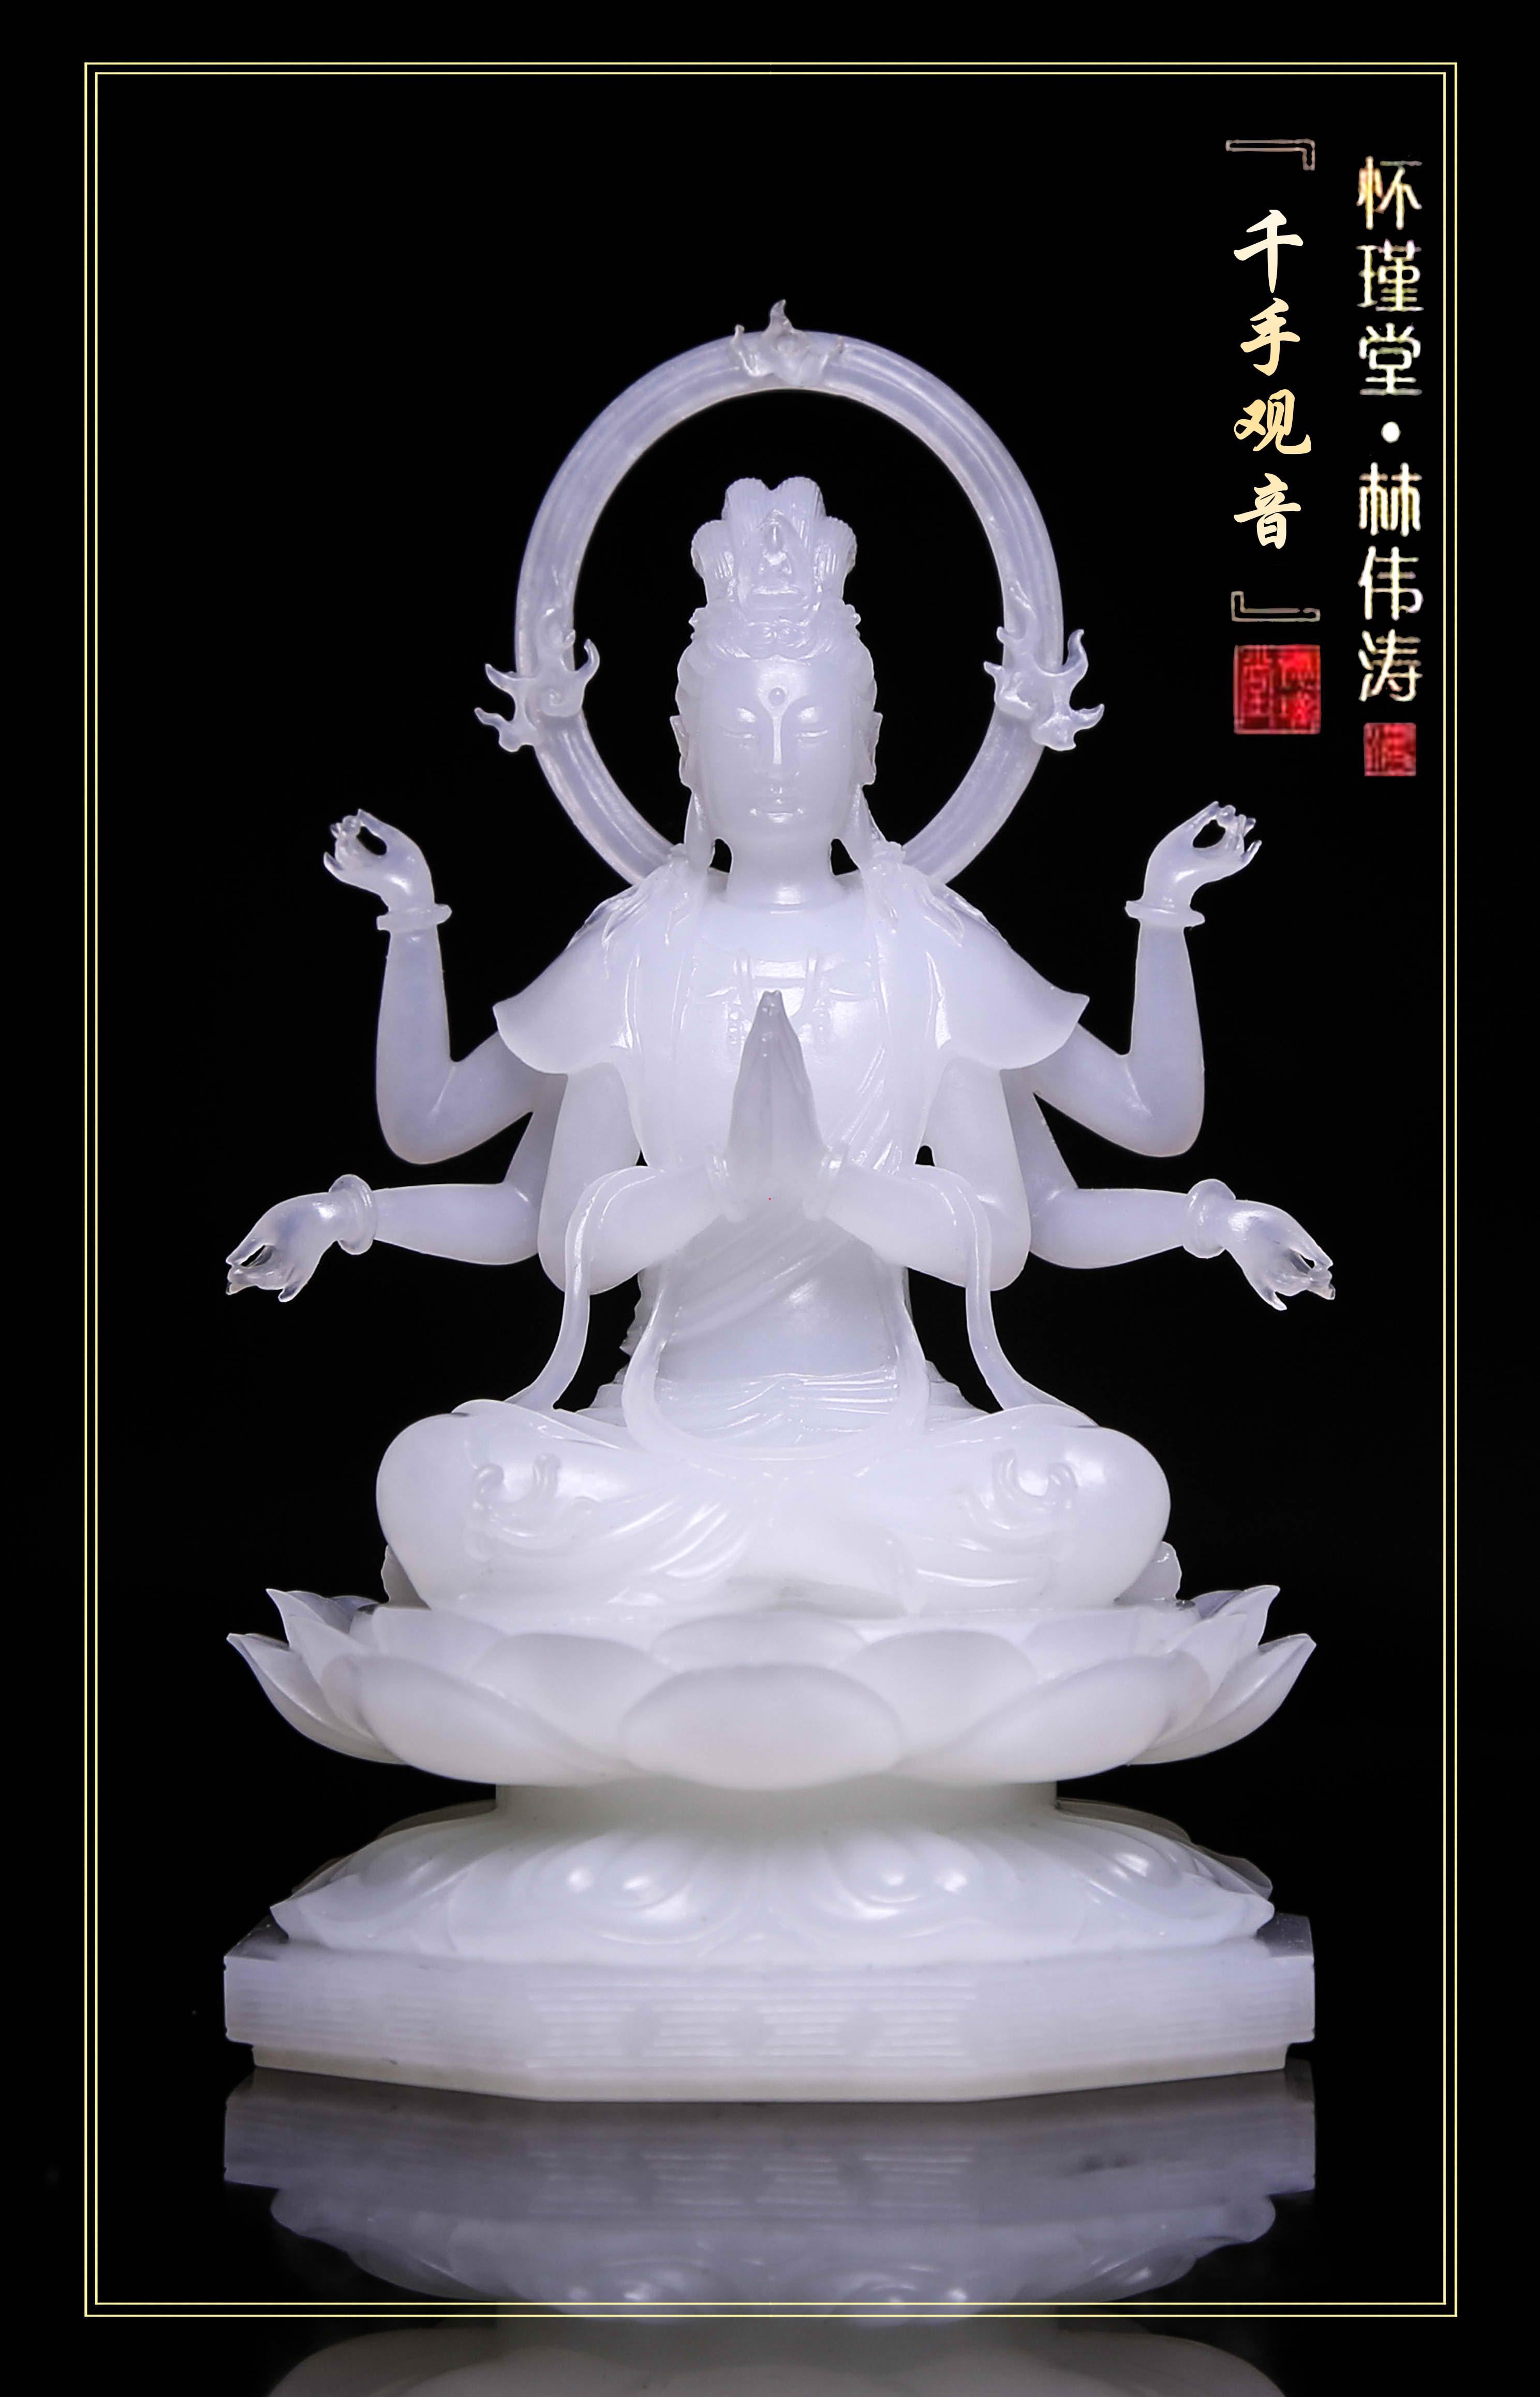 林伟涛大师获奖作品一 之《千手观音》